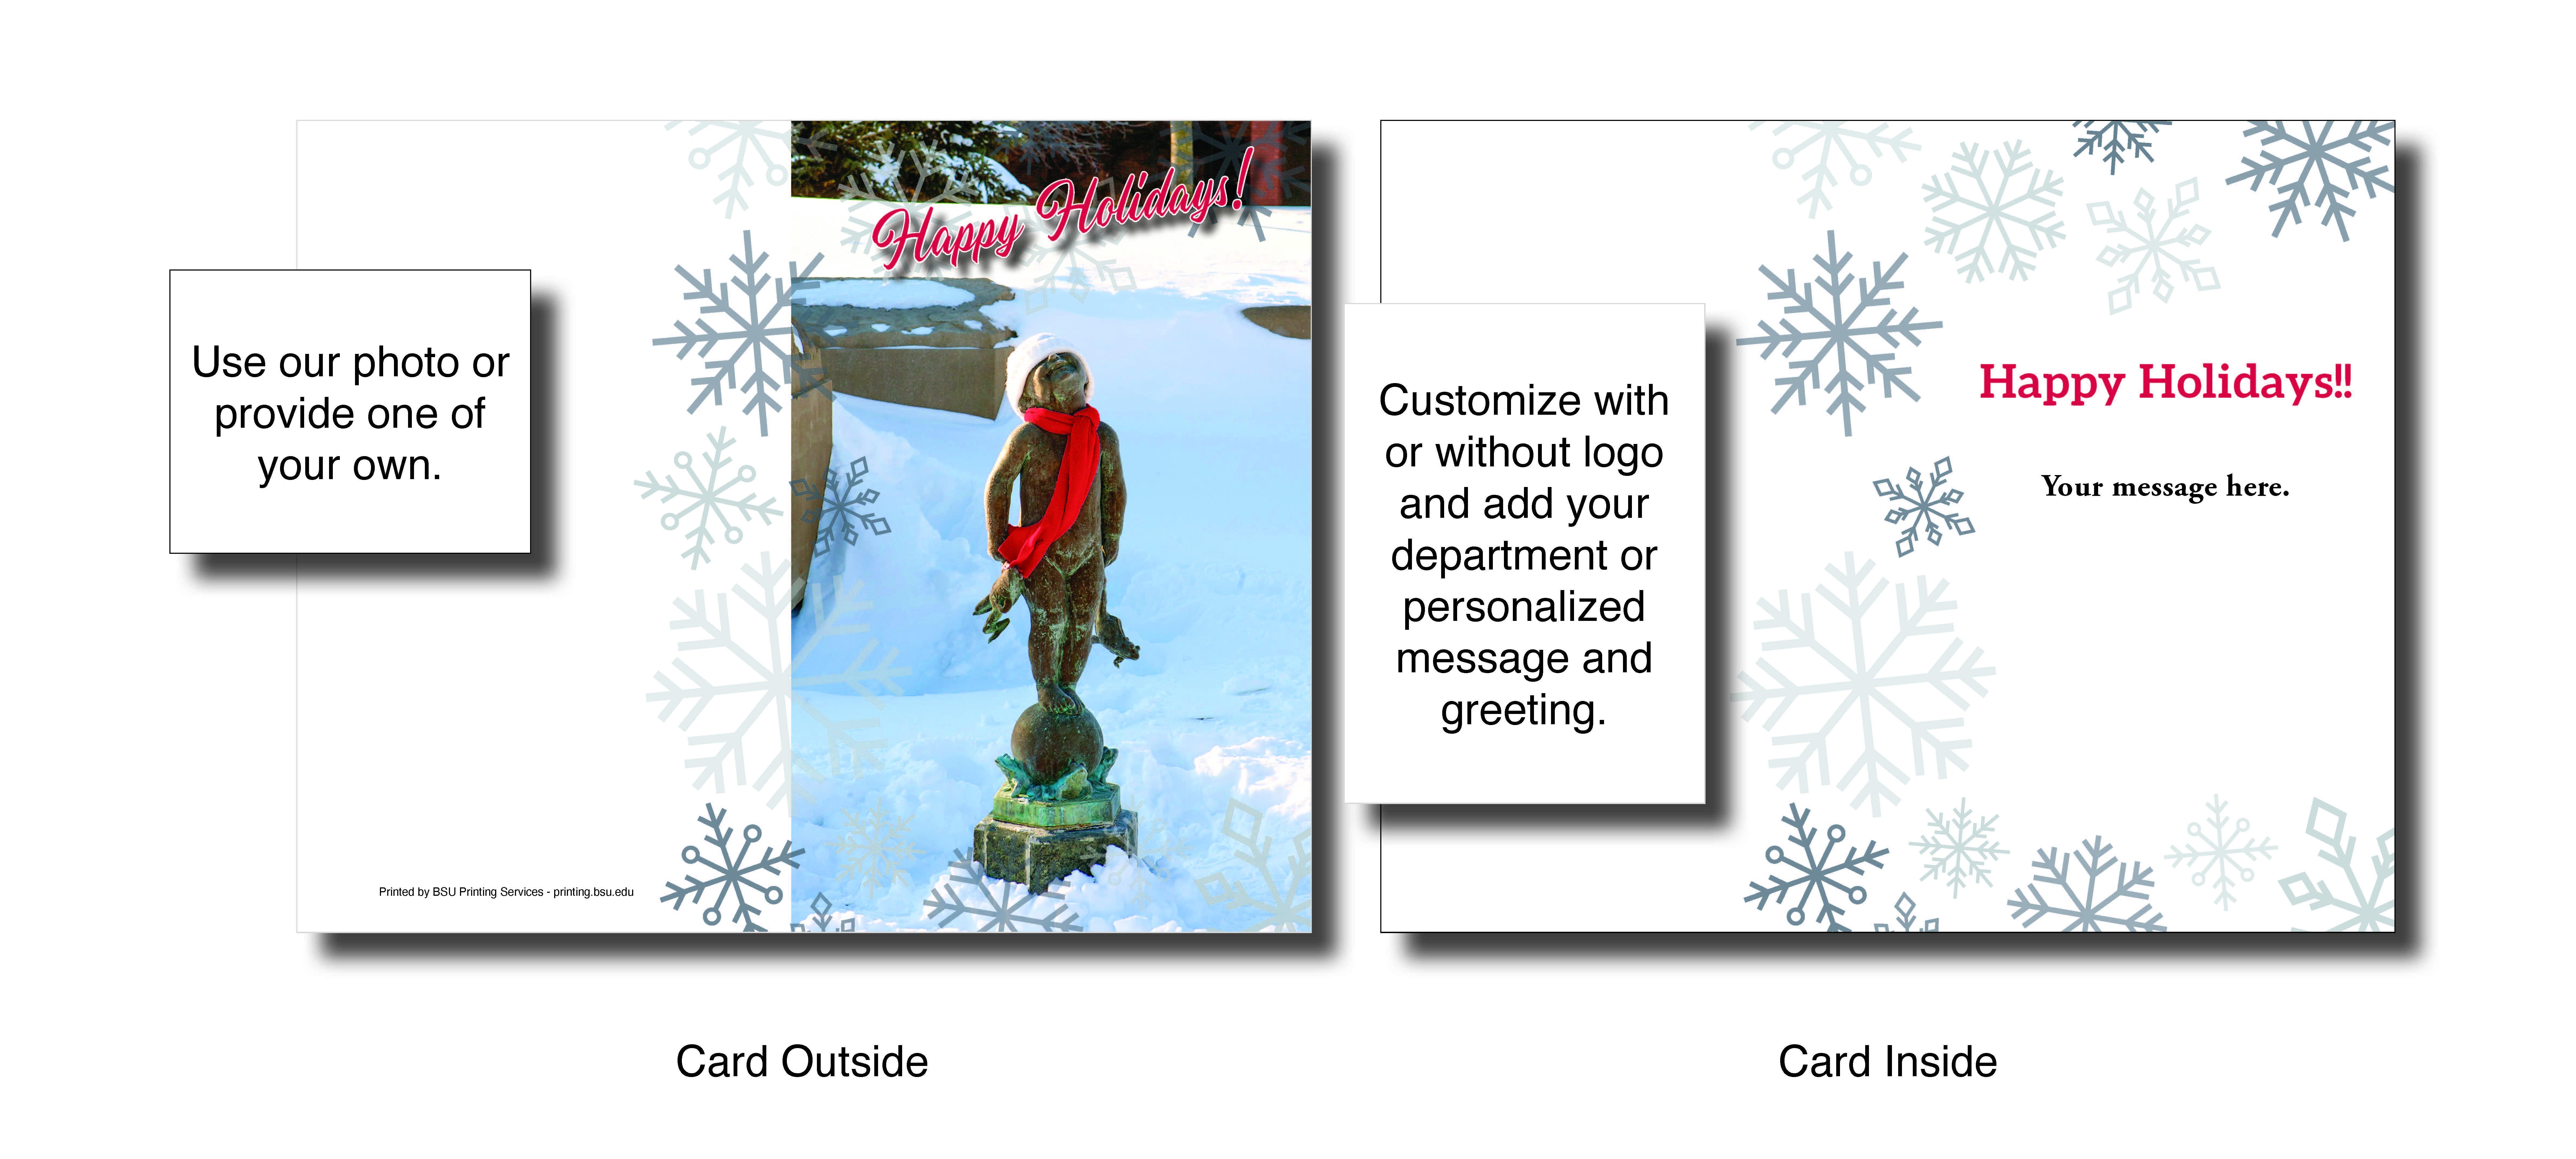 Holiday Card #2